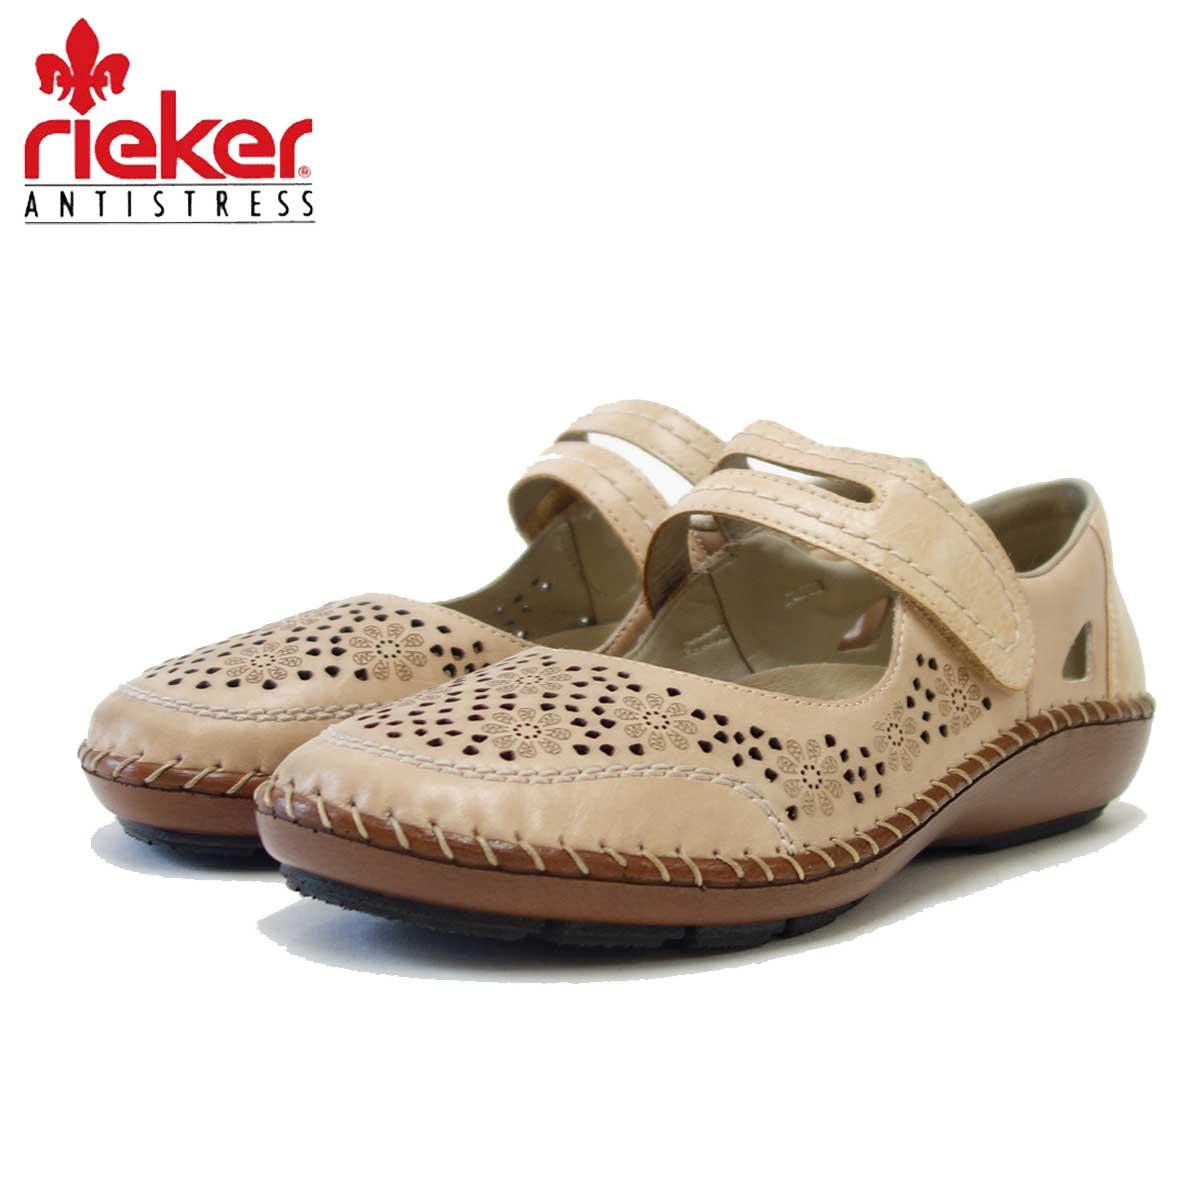 rieker リーカー 44875 31 ローズ (レディース) クッション性の良いお洒落ストラップシューズ 「靴」